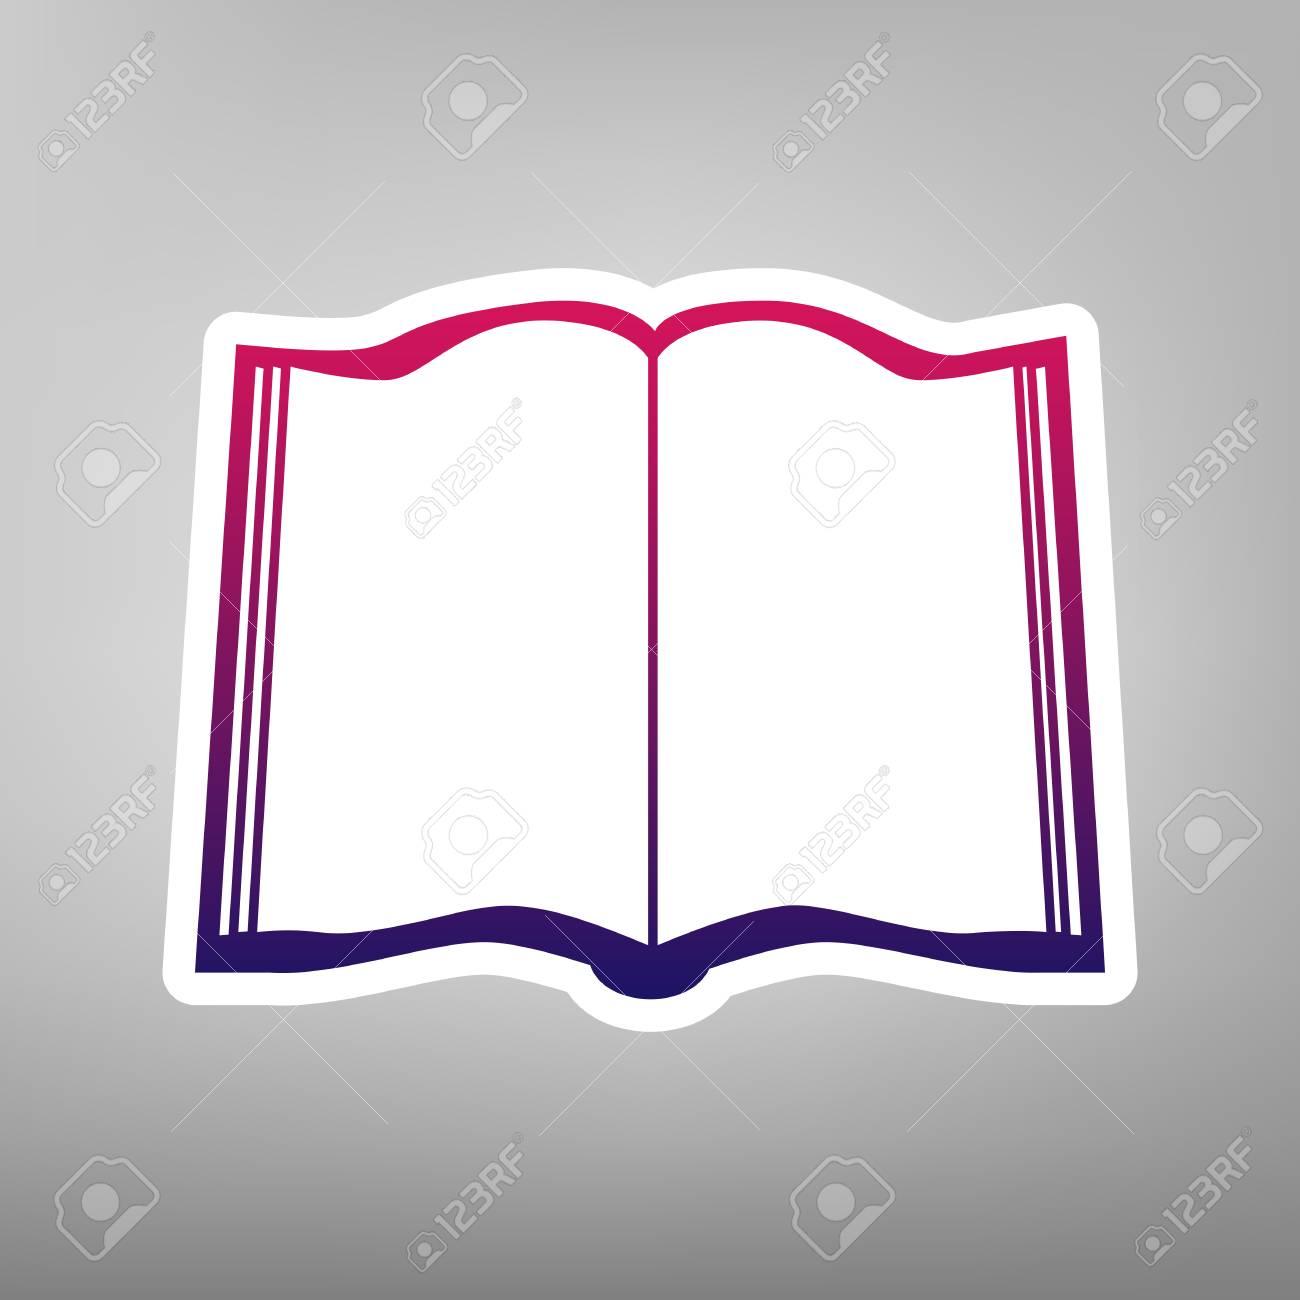 Signo De Libro Vector. Icono De Gradiente De Color Púrpura Sobre ...